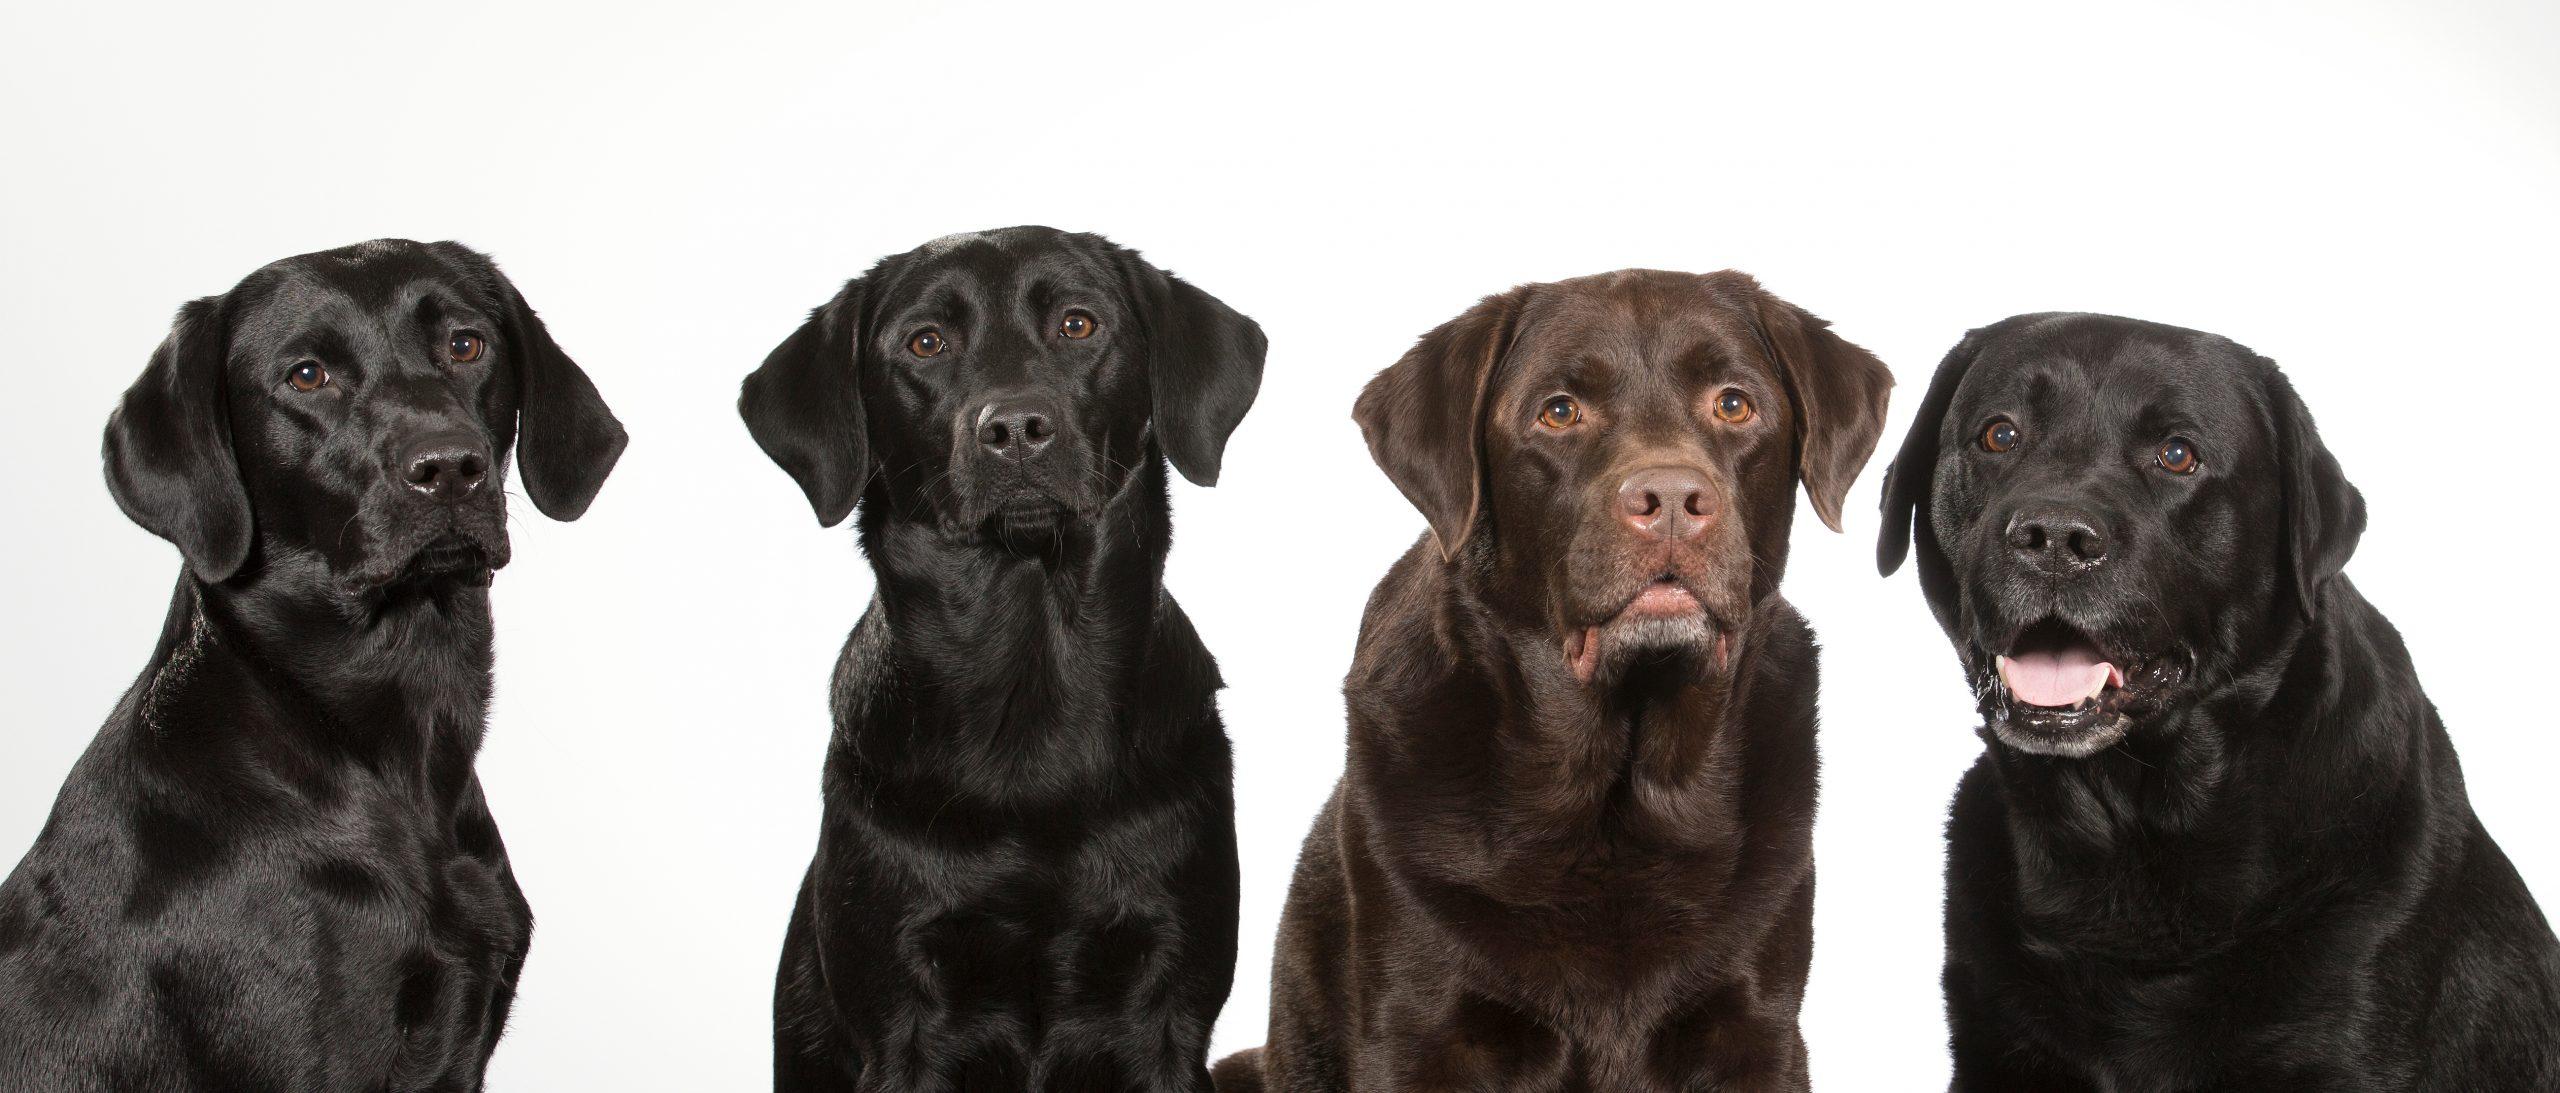 American Labrador Retriever vs. English Labrador Retriever